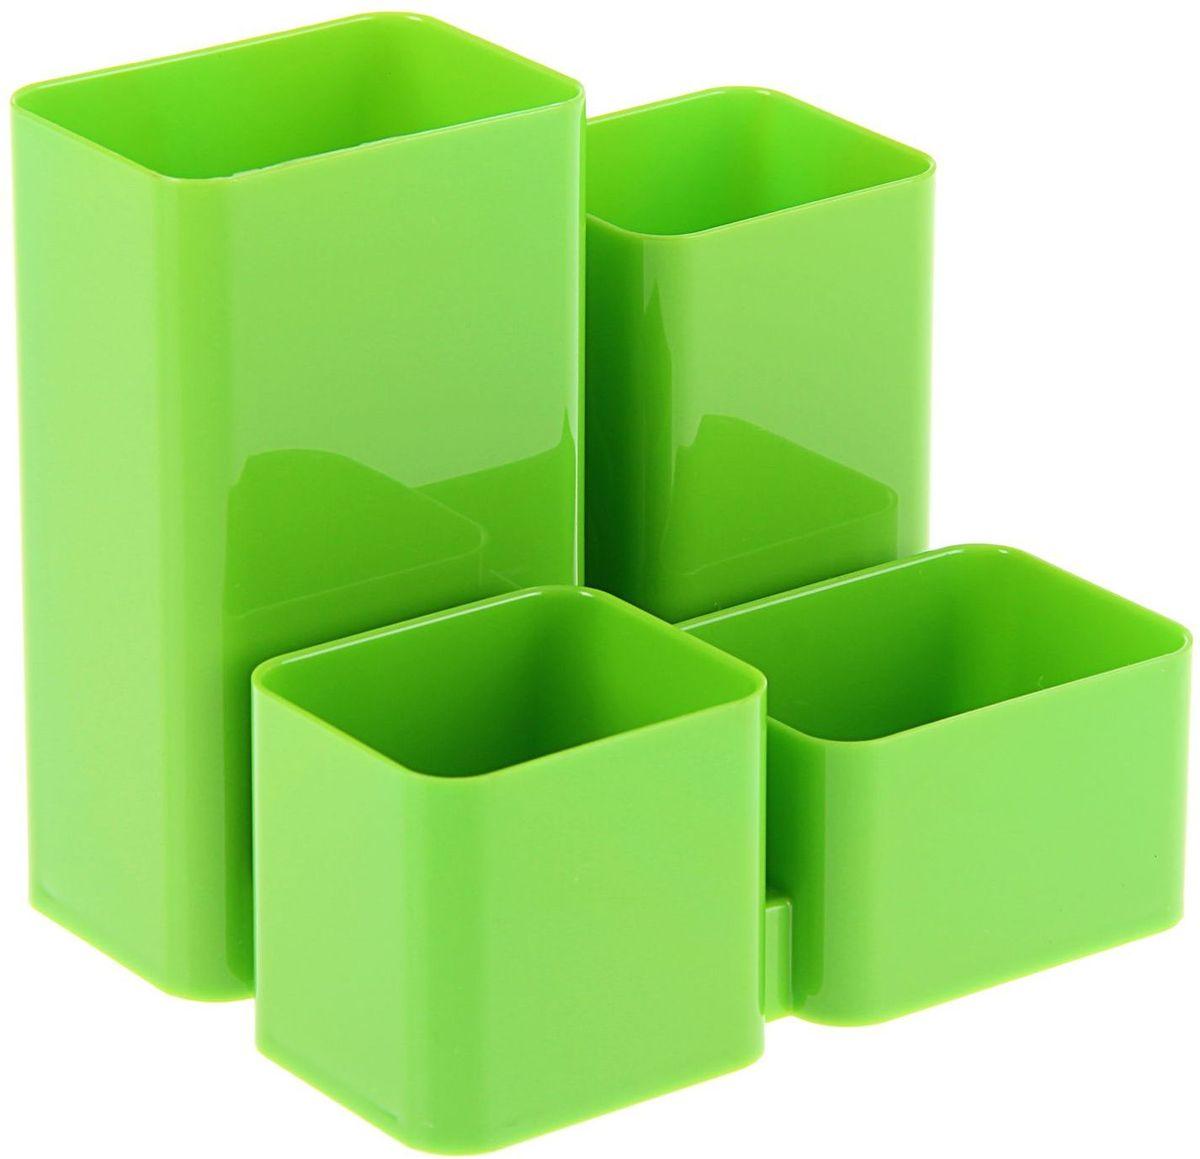 Стамм Органайзер настольный Юниор цвет зеленый72523WDОрганайзер Юниор зеленый KIWI ОР310 – простая и практичная вещь. Он очень быстро станет незаменимым жителем на рабочем столе. Множество отделений вместят в себя все самое необходимое, сэкономив тем самым ваше время, пространство на столе и деньги.